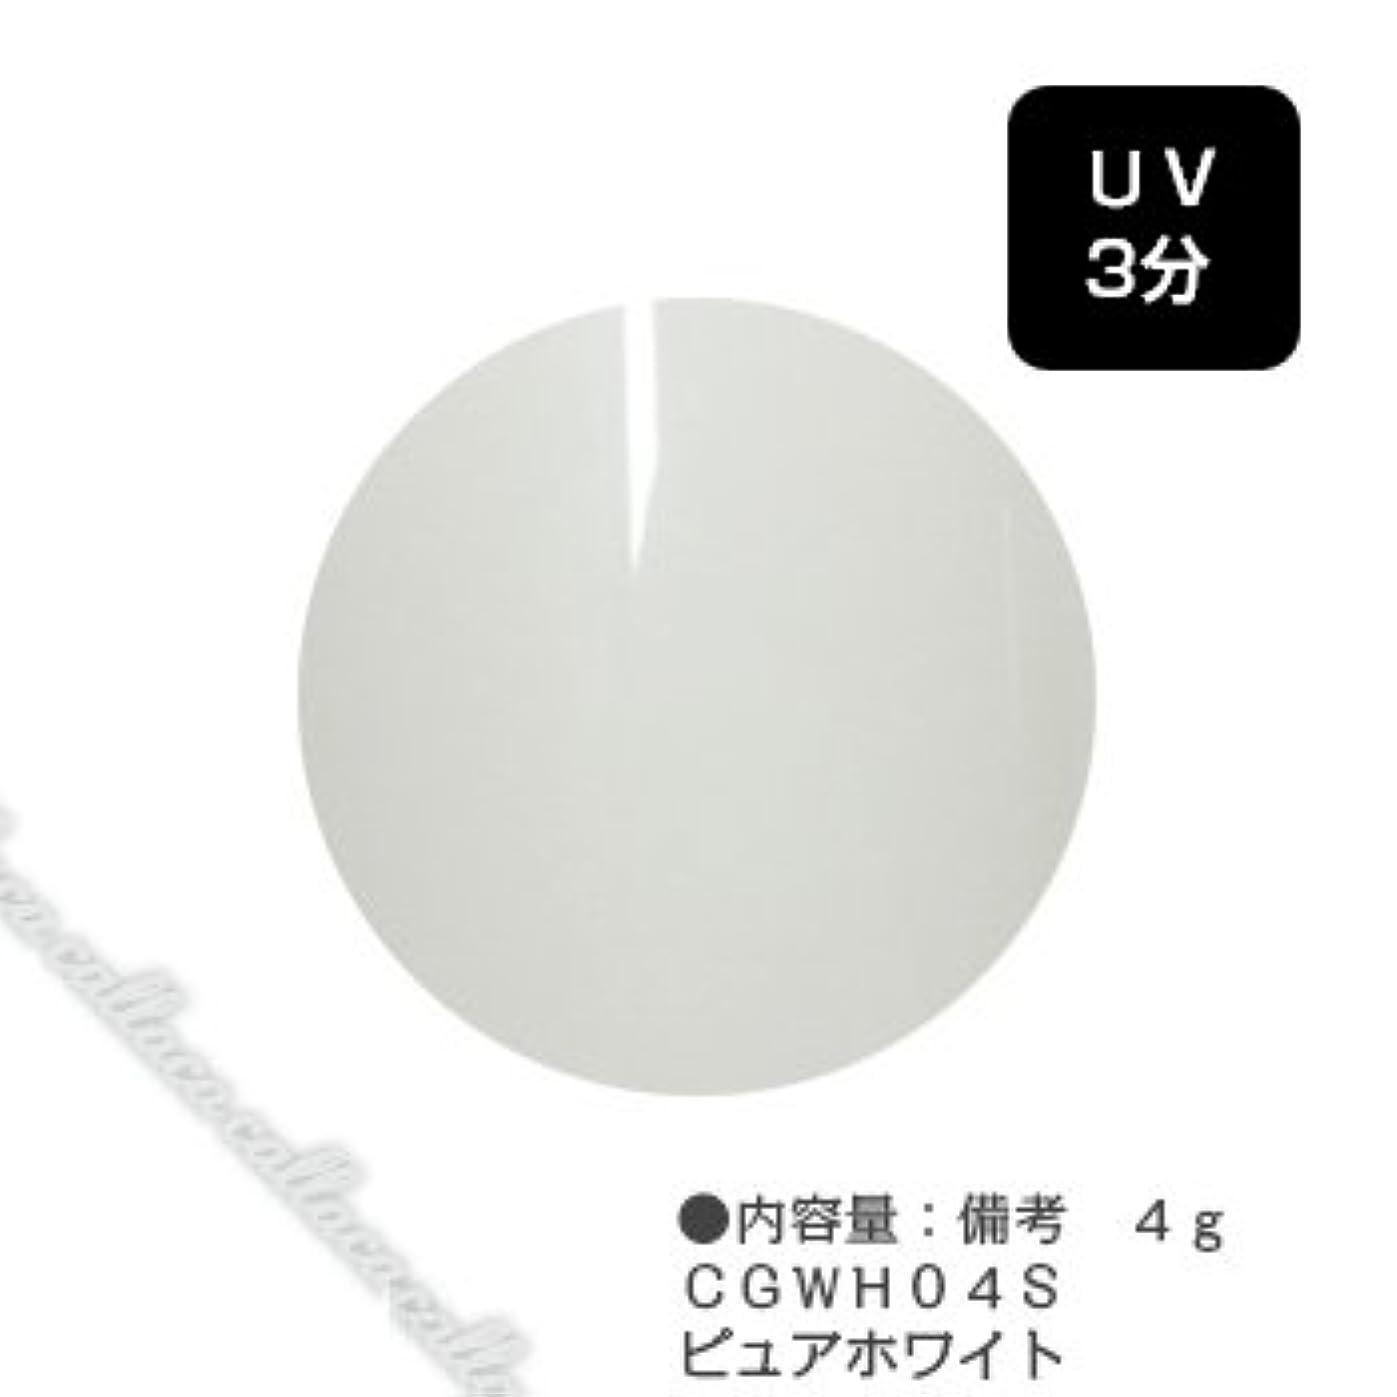 ヶ月目未知の慎重カルジェル(Calgel) カラージェル 4g  CGWH04S ピュアホワイト